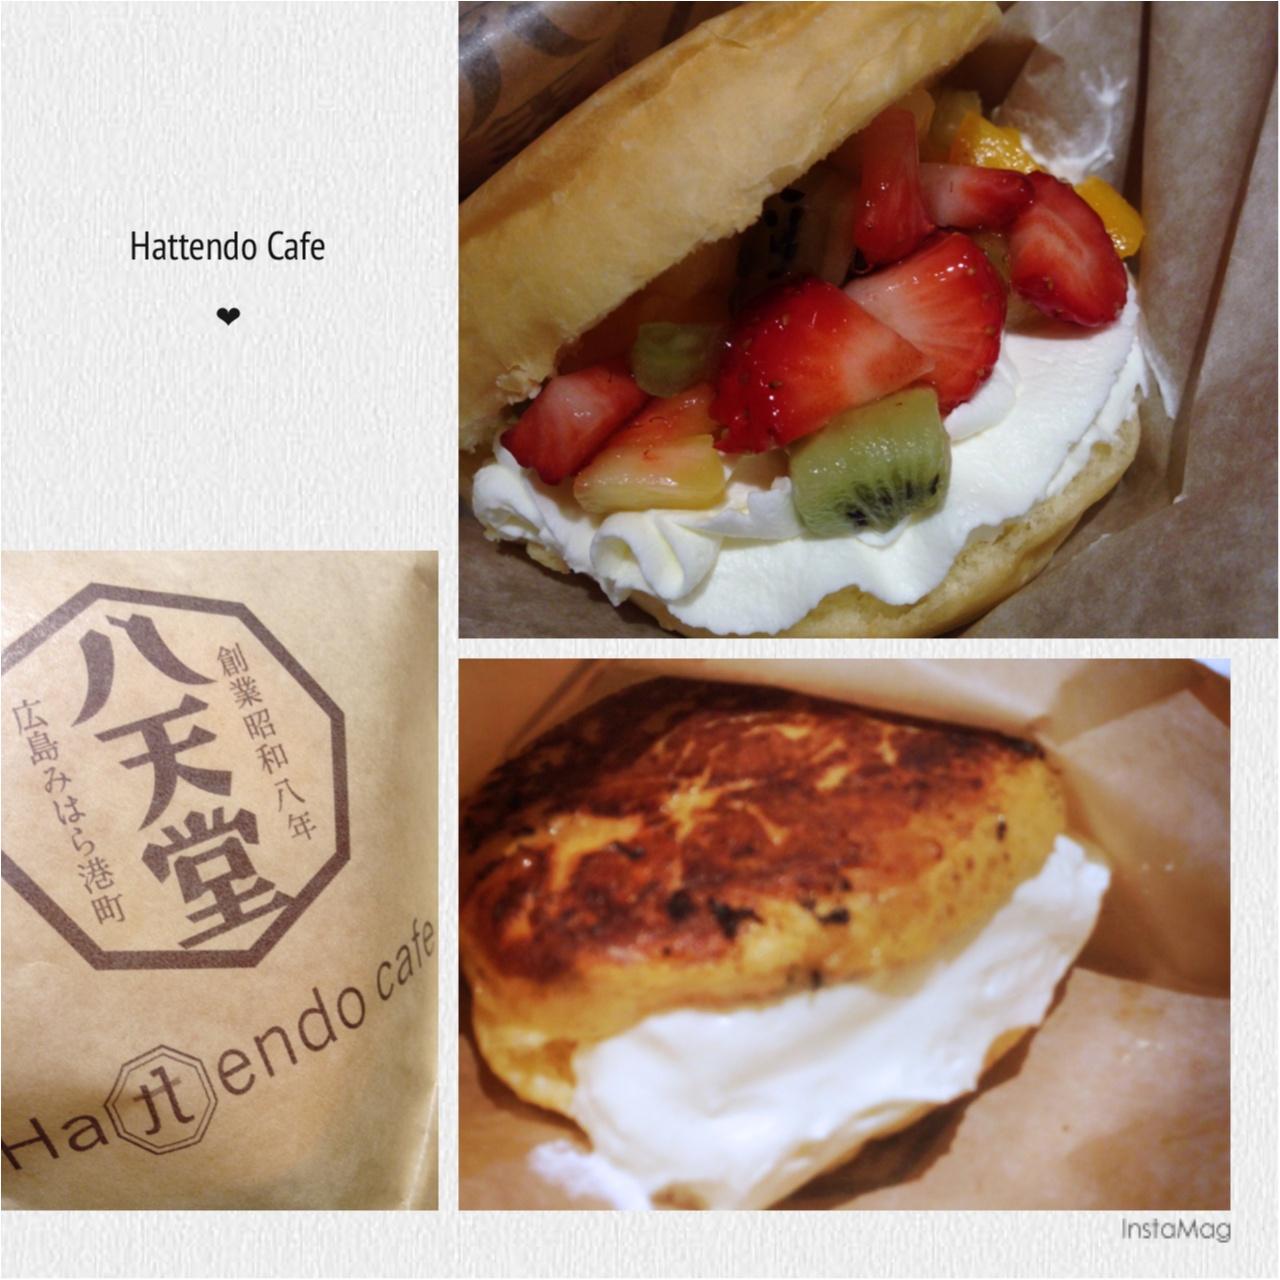 """くりーむパンを鉄板で焼いちゃう⁉️Hattendo caféで実演販売されている""""フレンチバーガー""""とはΣd(・ω・*)_9"""